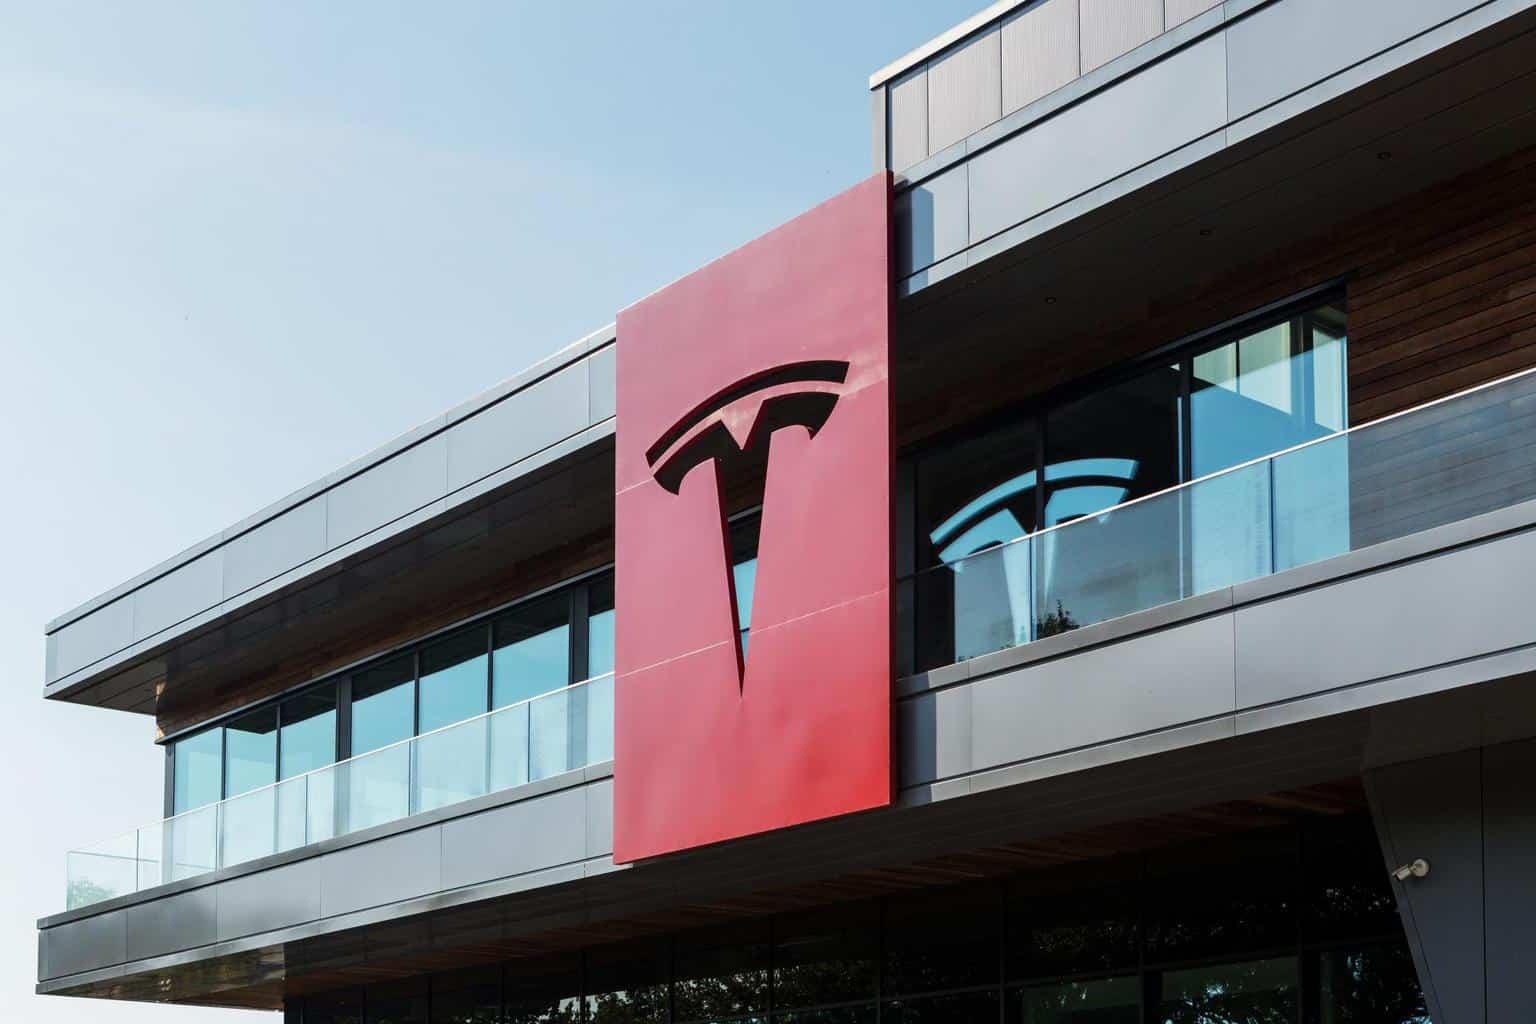 Tesla-Werk Grünheide: Erste Fassaden fertig, neuer Autobahnzubringer geplant